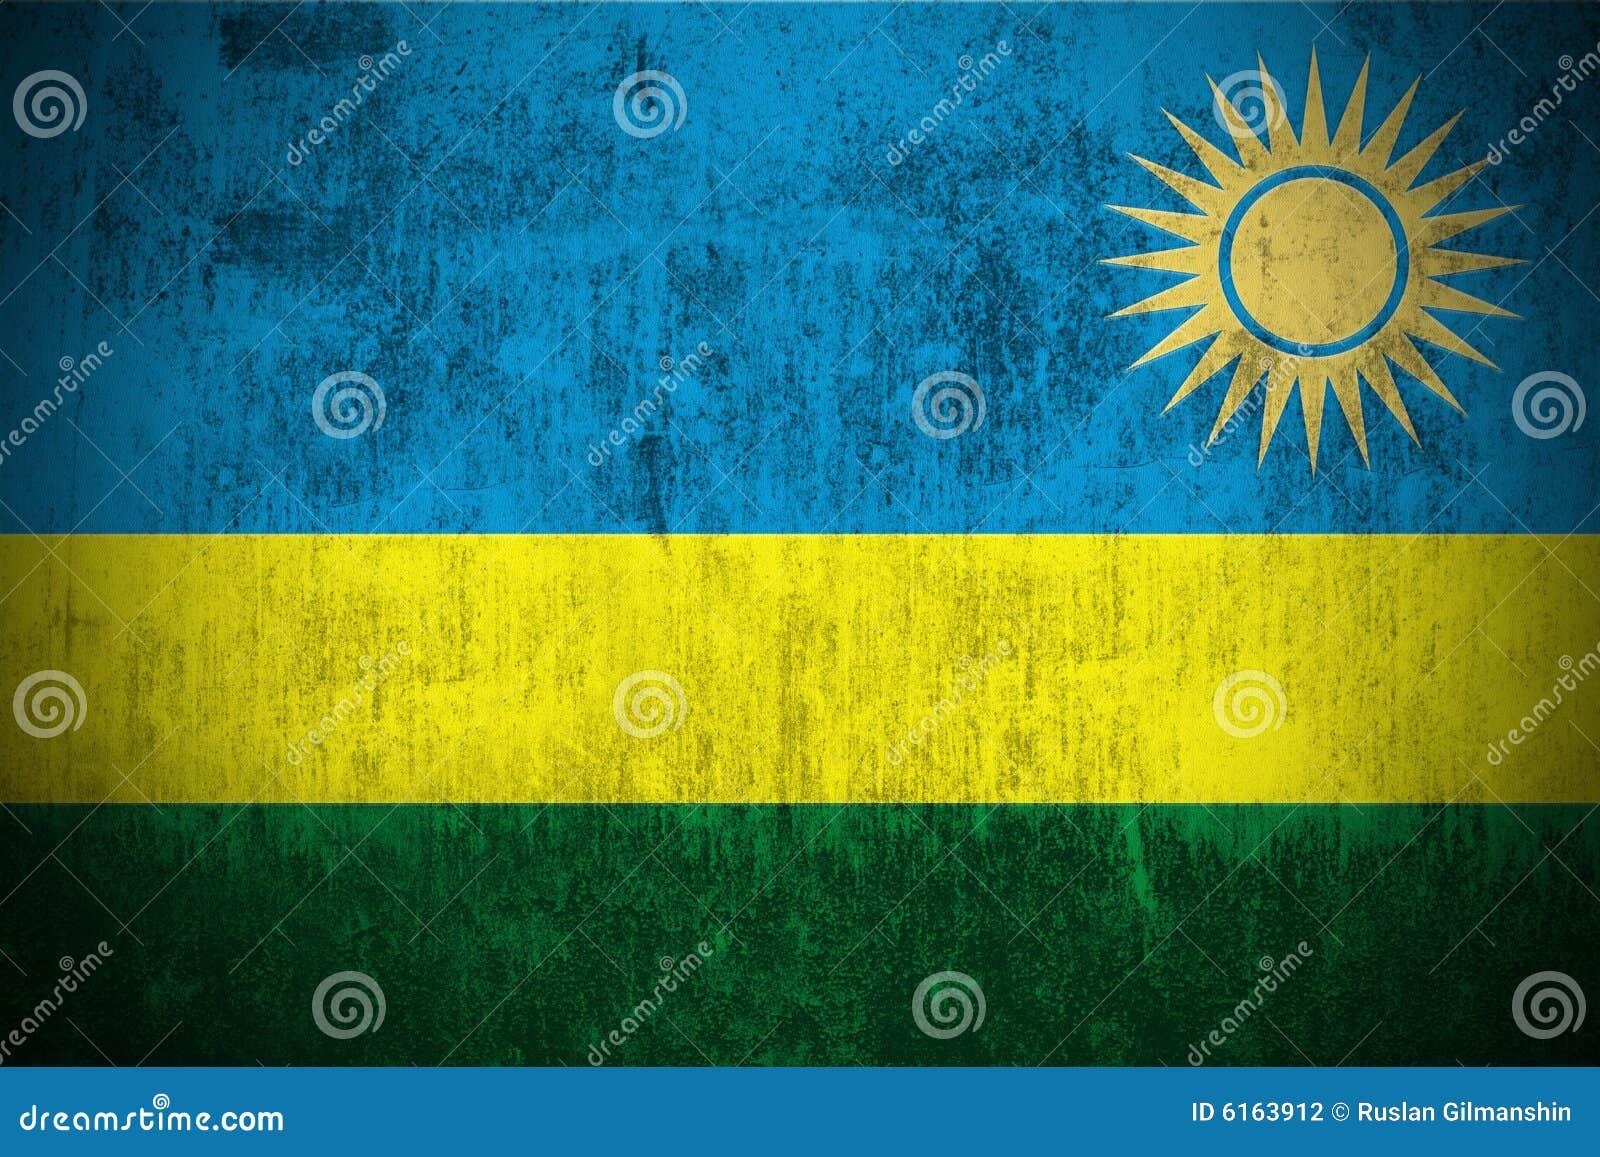 picture grunge rwanda - photo #2